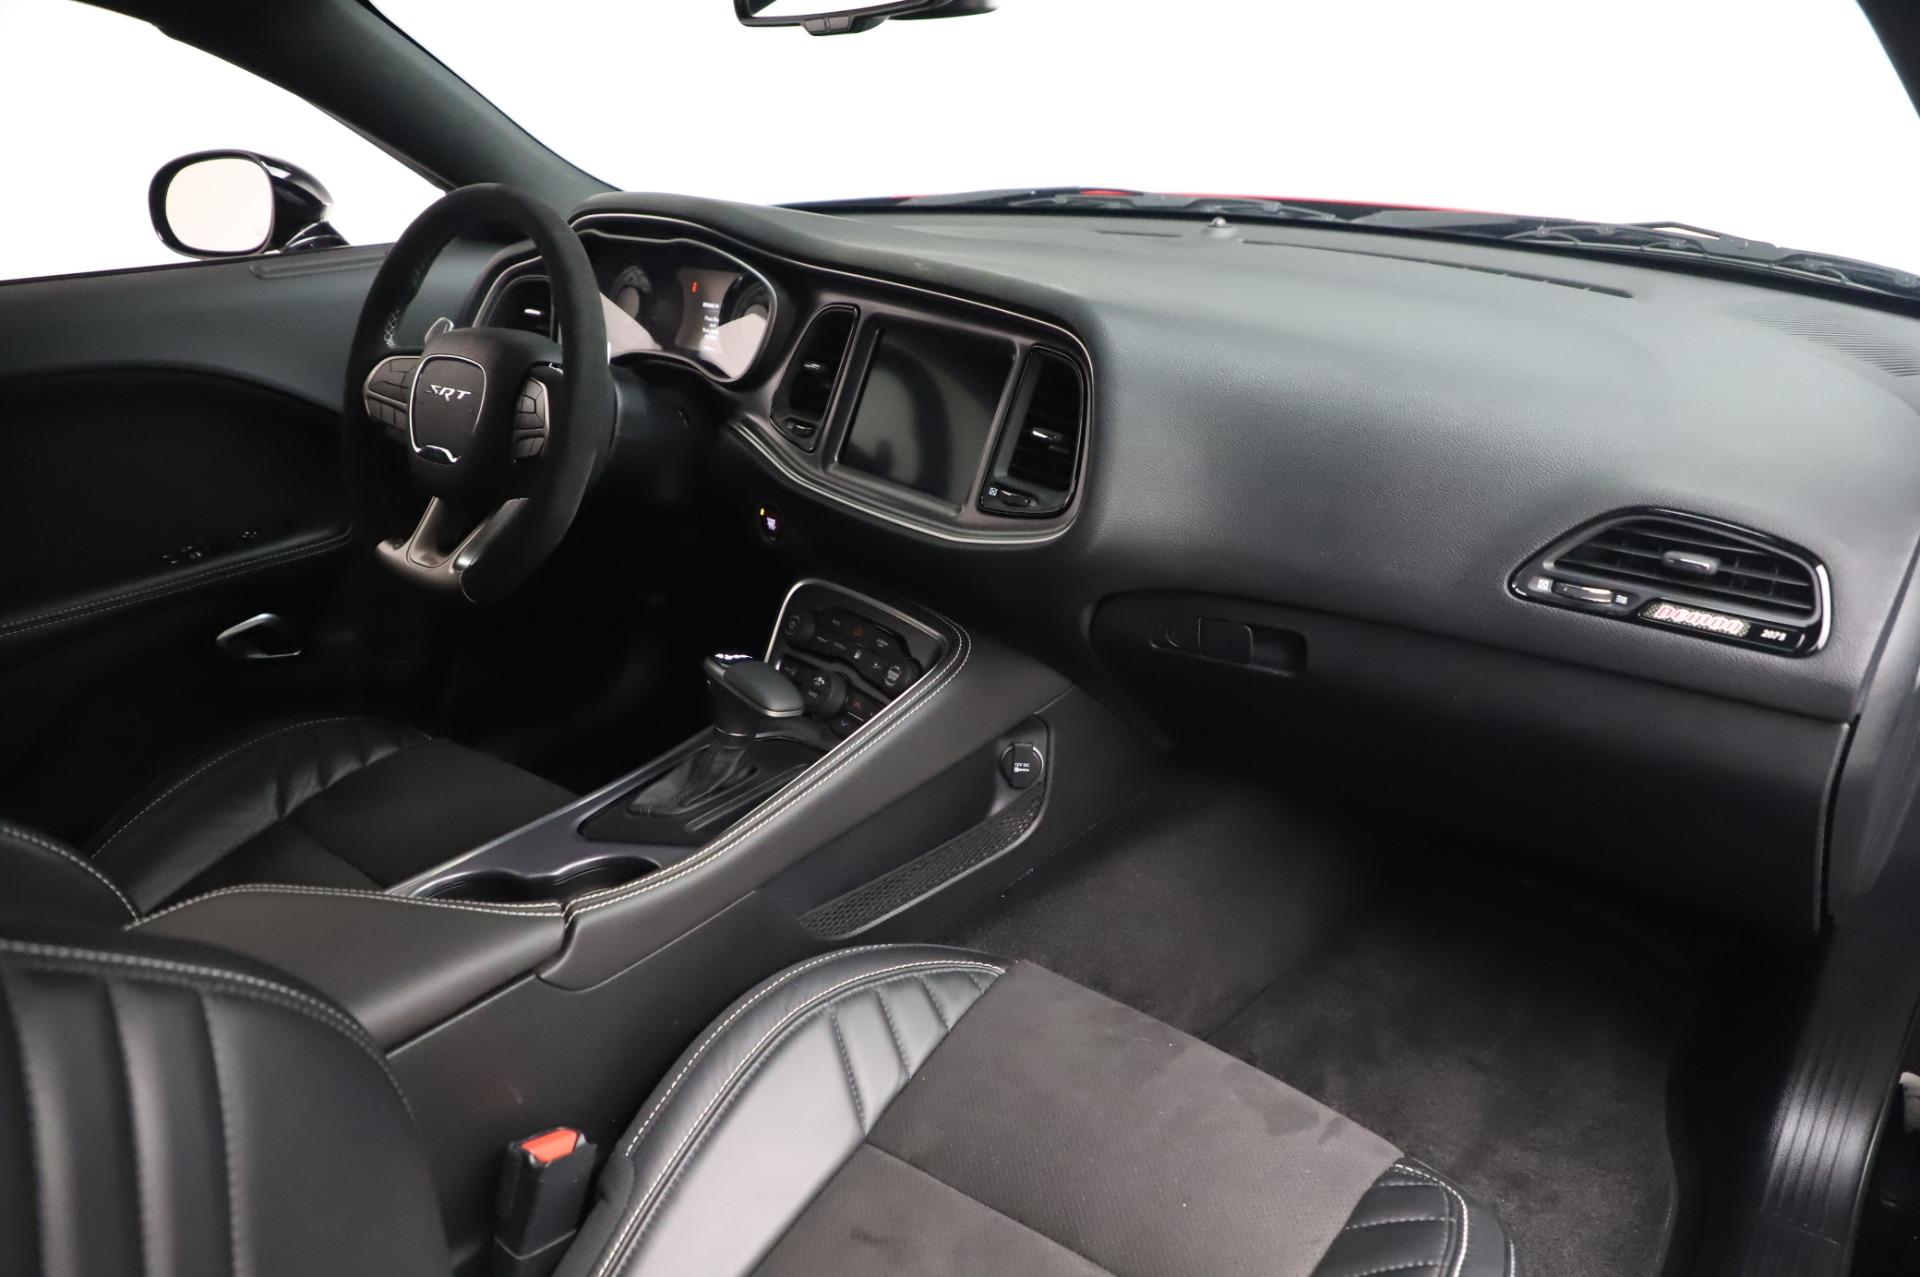 Used 2018 Dodge Challenger SRT Demon